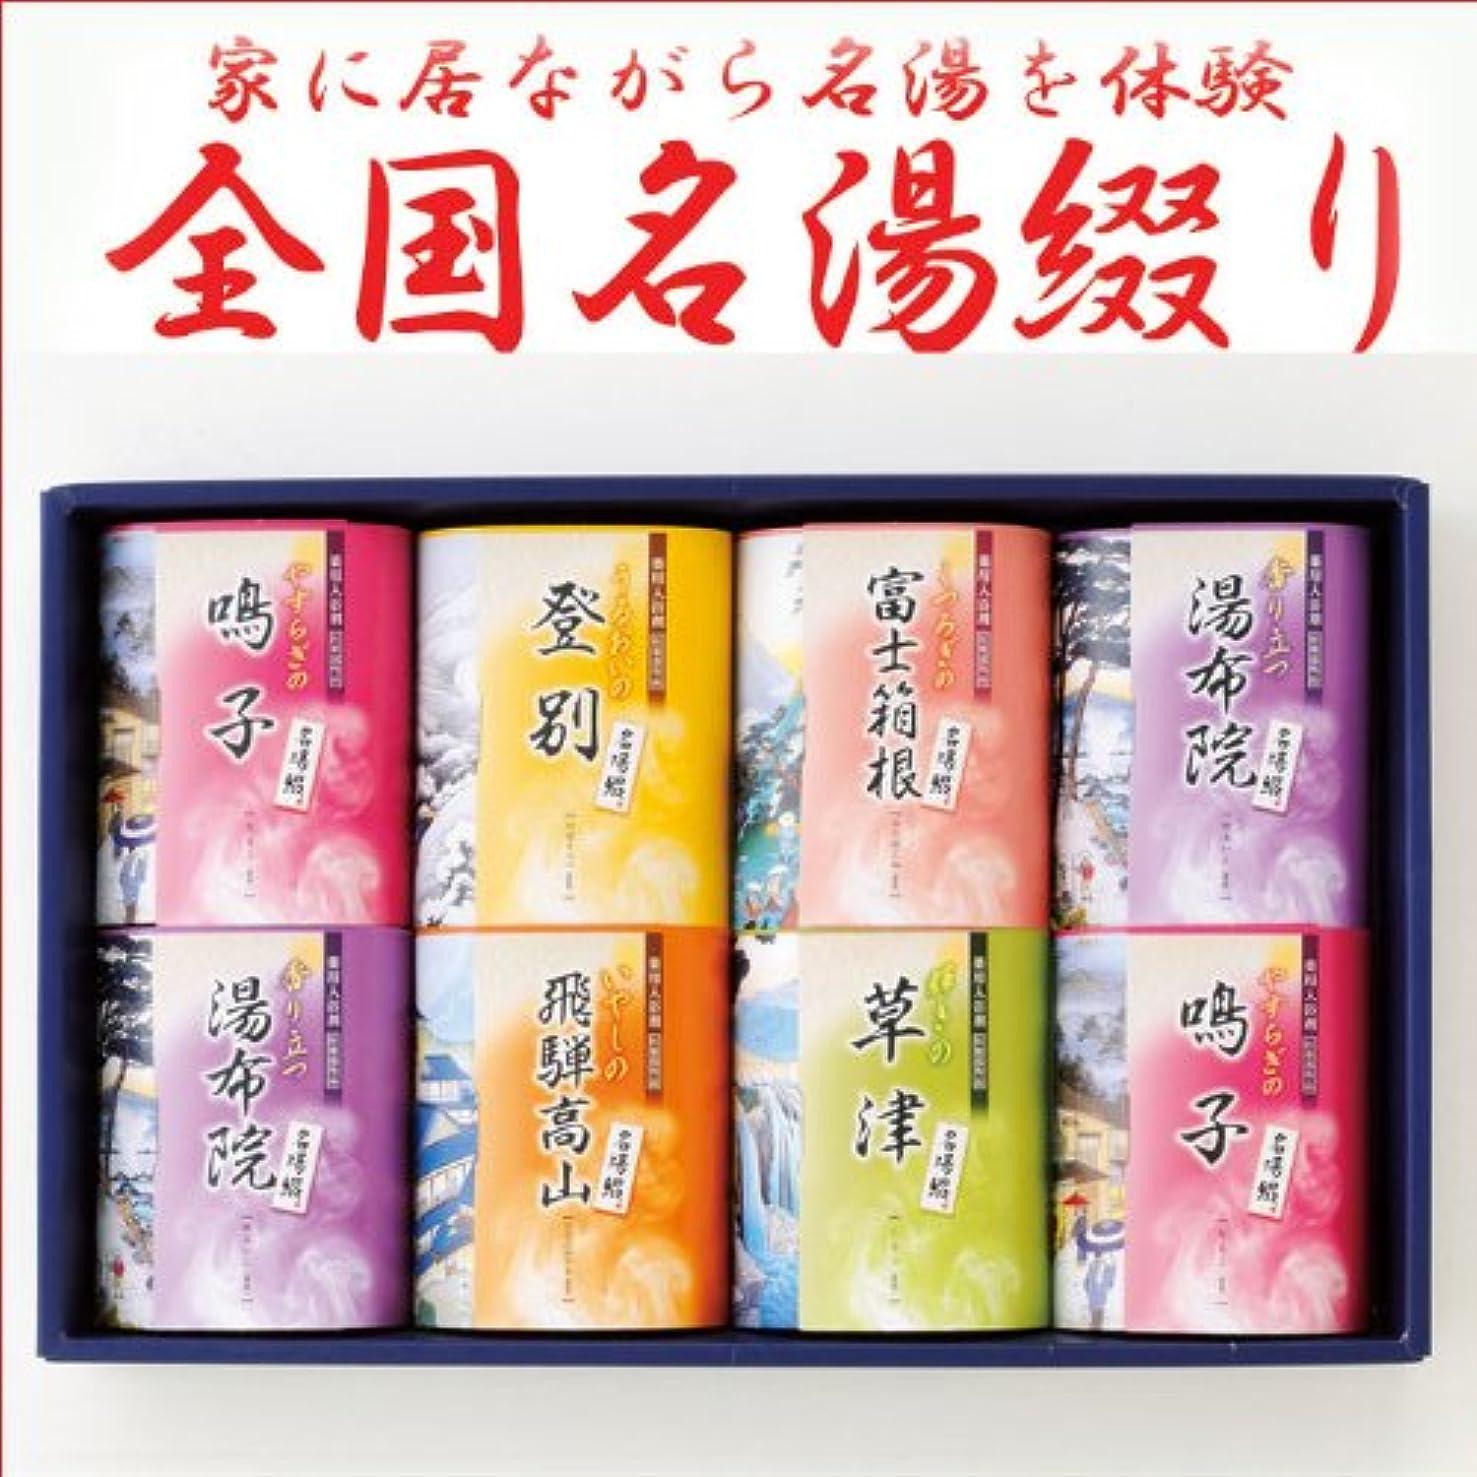 お酒下品計画日本全国名湯の温泉巡り入浴剤ギフトセット